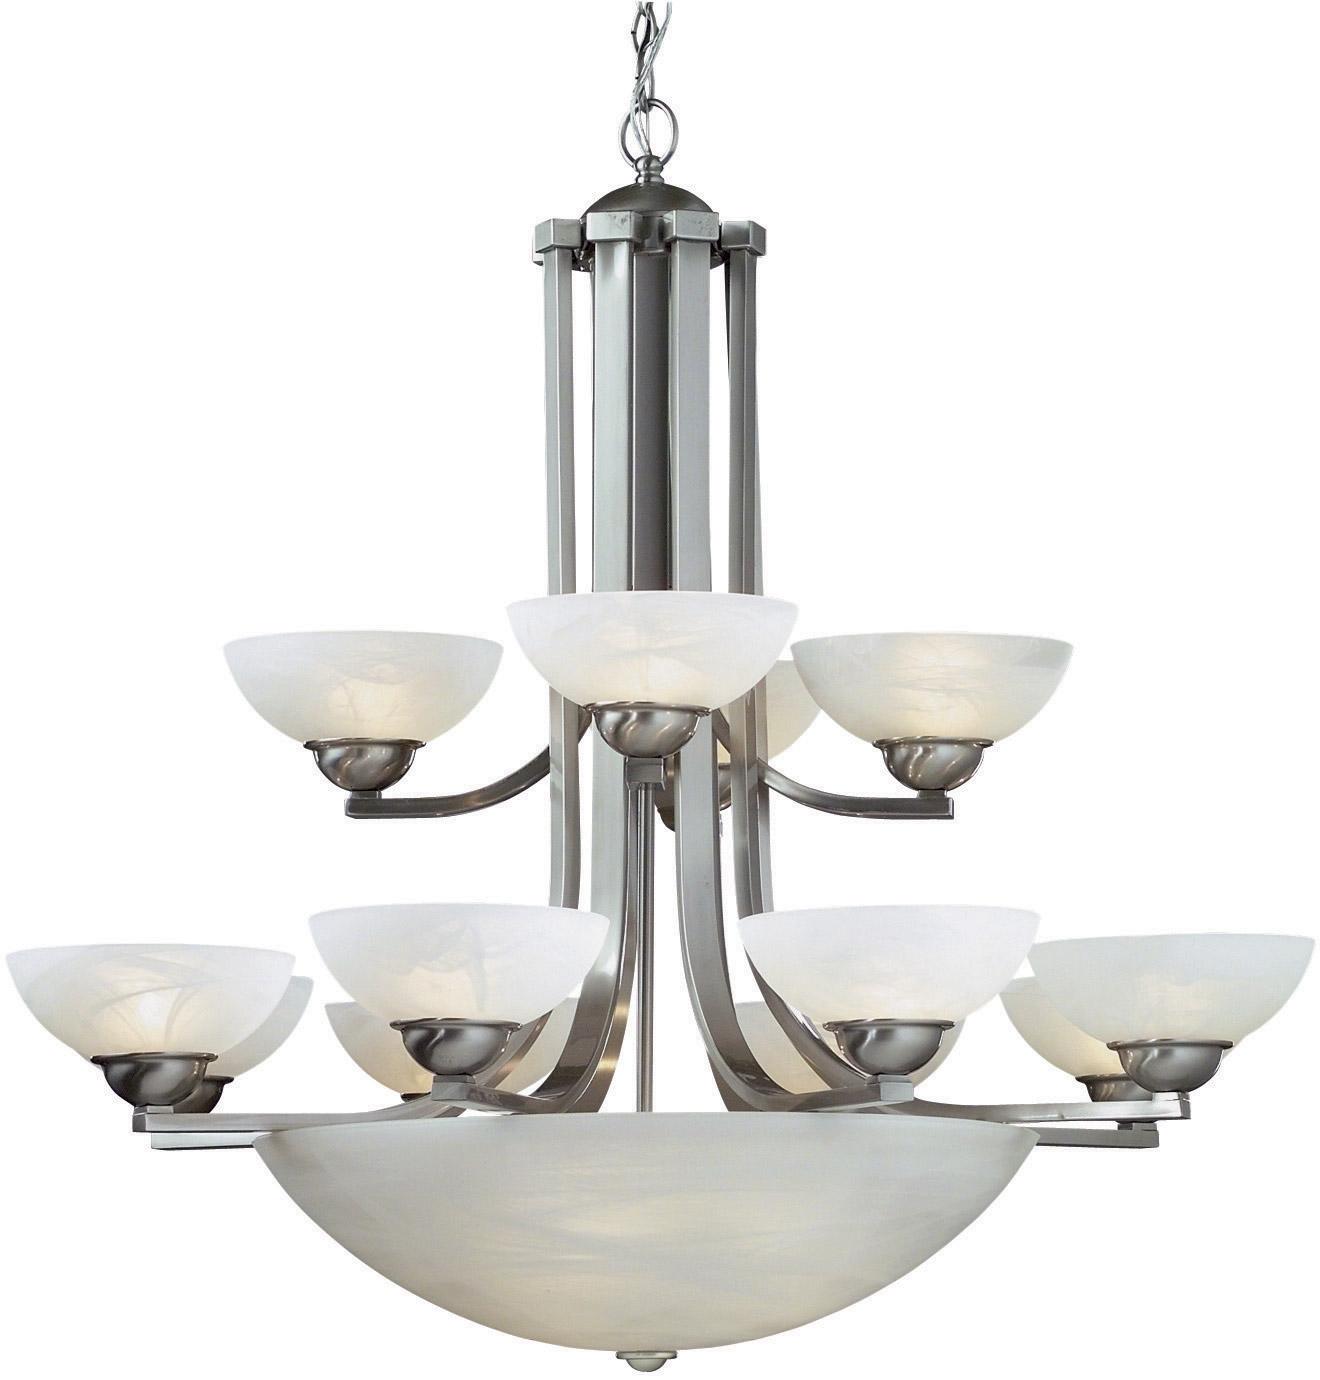 sc 1 st  L&s Beautiful & Dolan Designs 206-09 Fireside Fifteen Light Chandelier